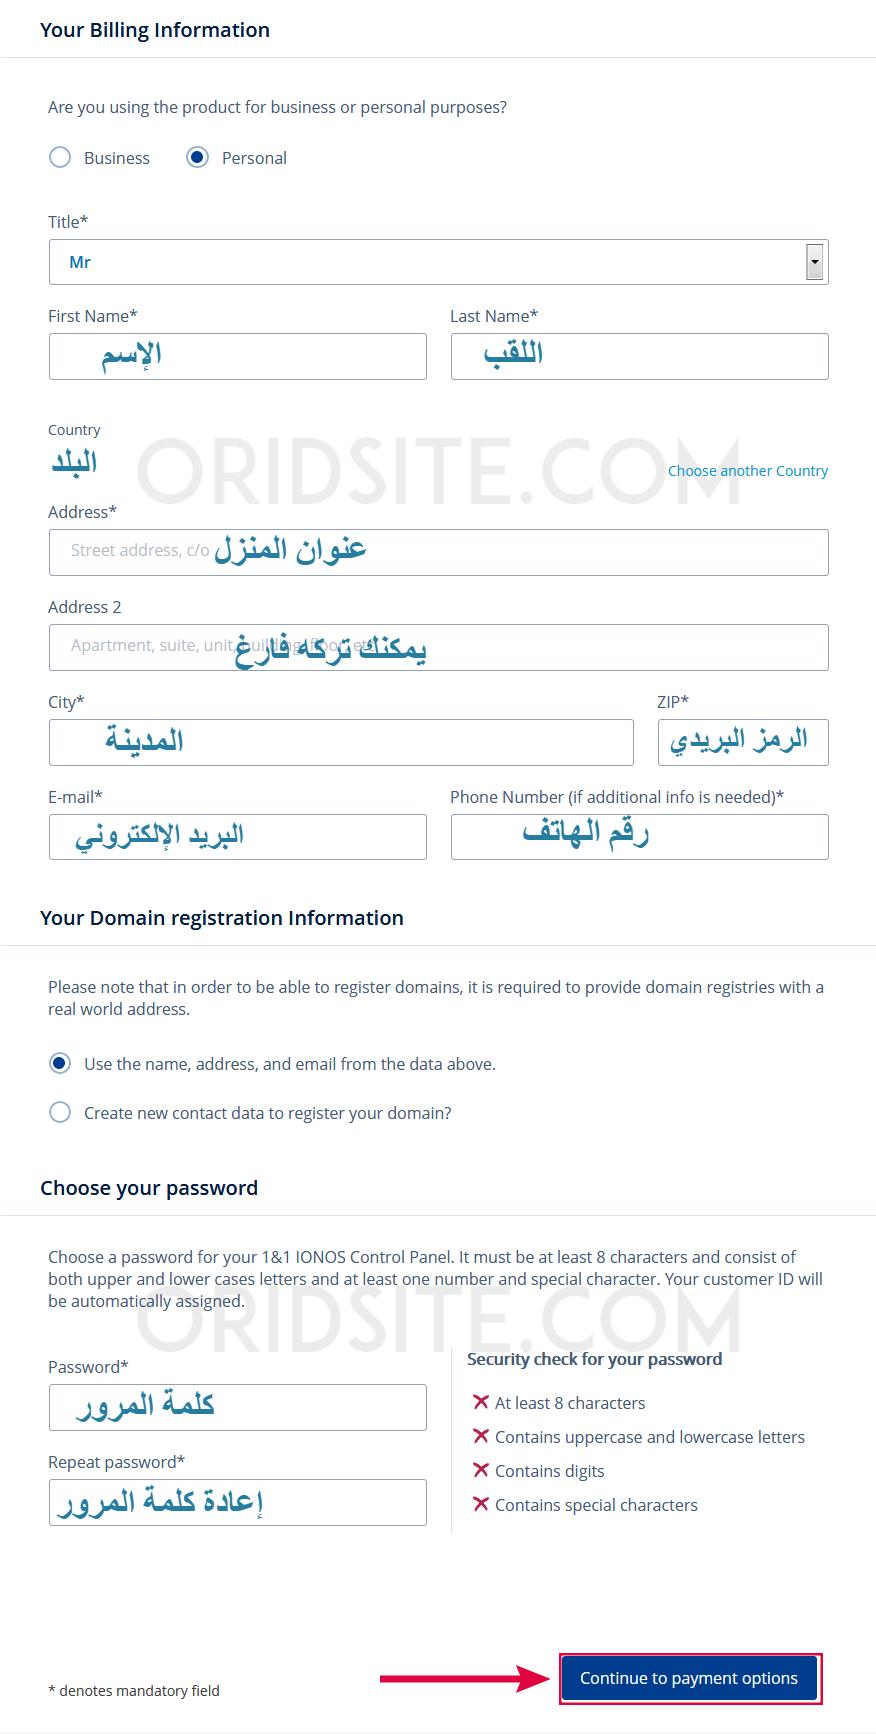 كتابة المعلومات الشخصية لإنشاء حساب في موقع 1and1 IONOS